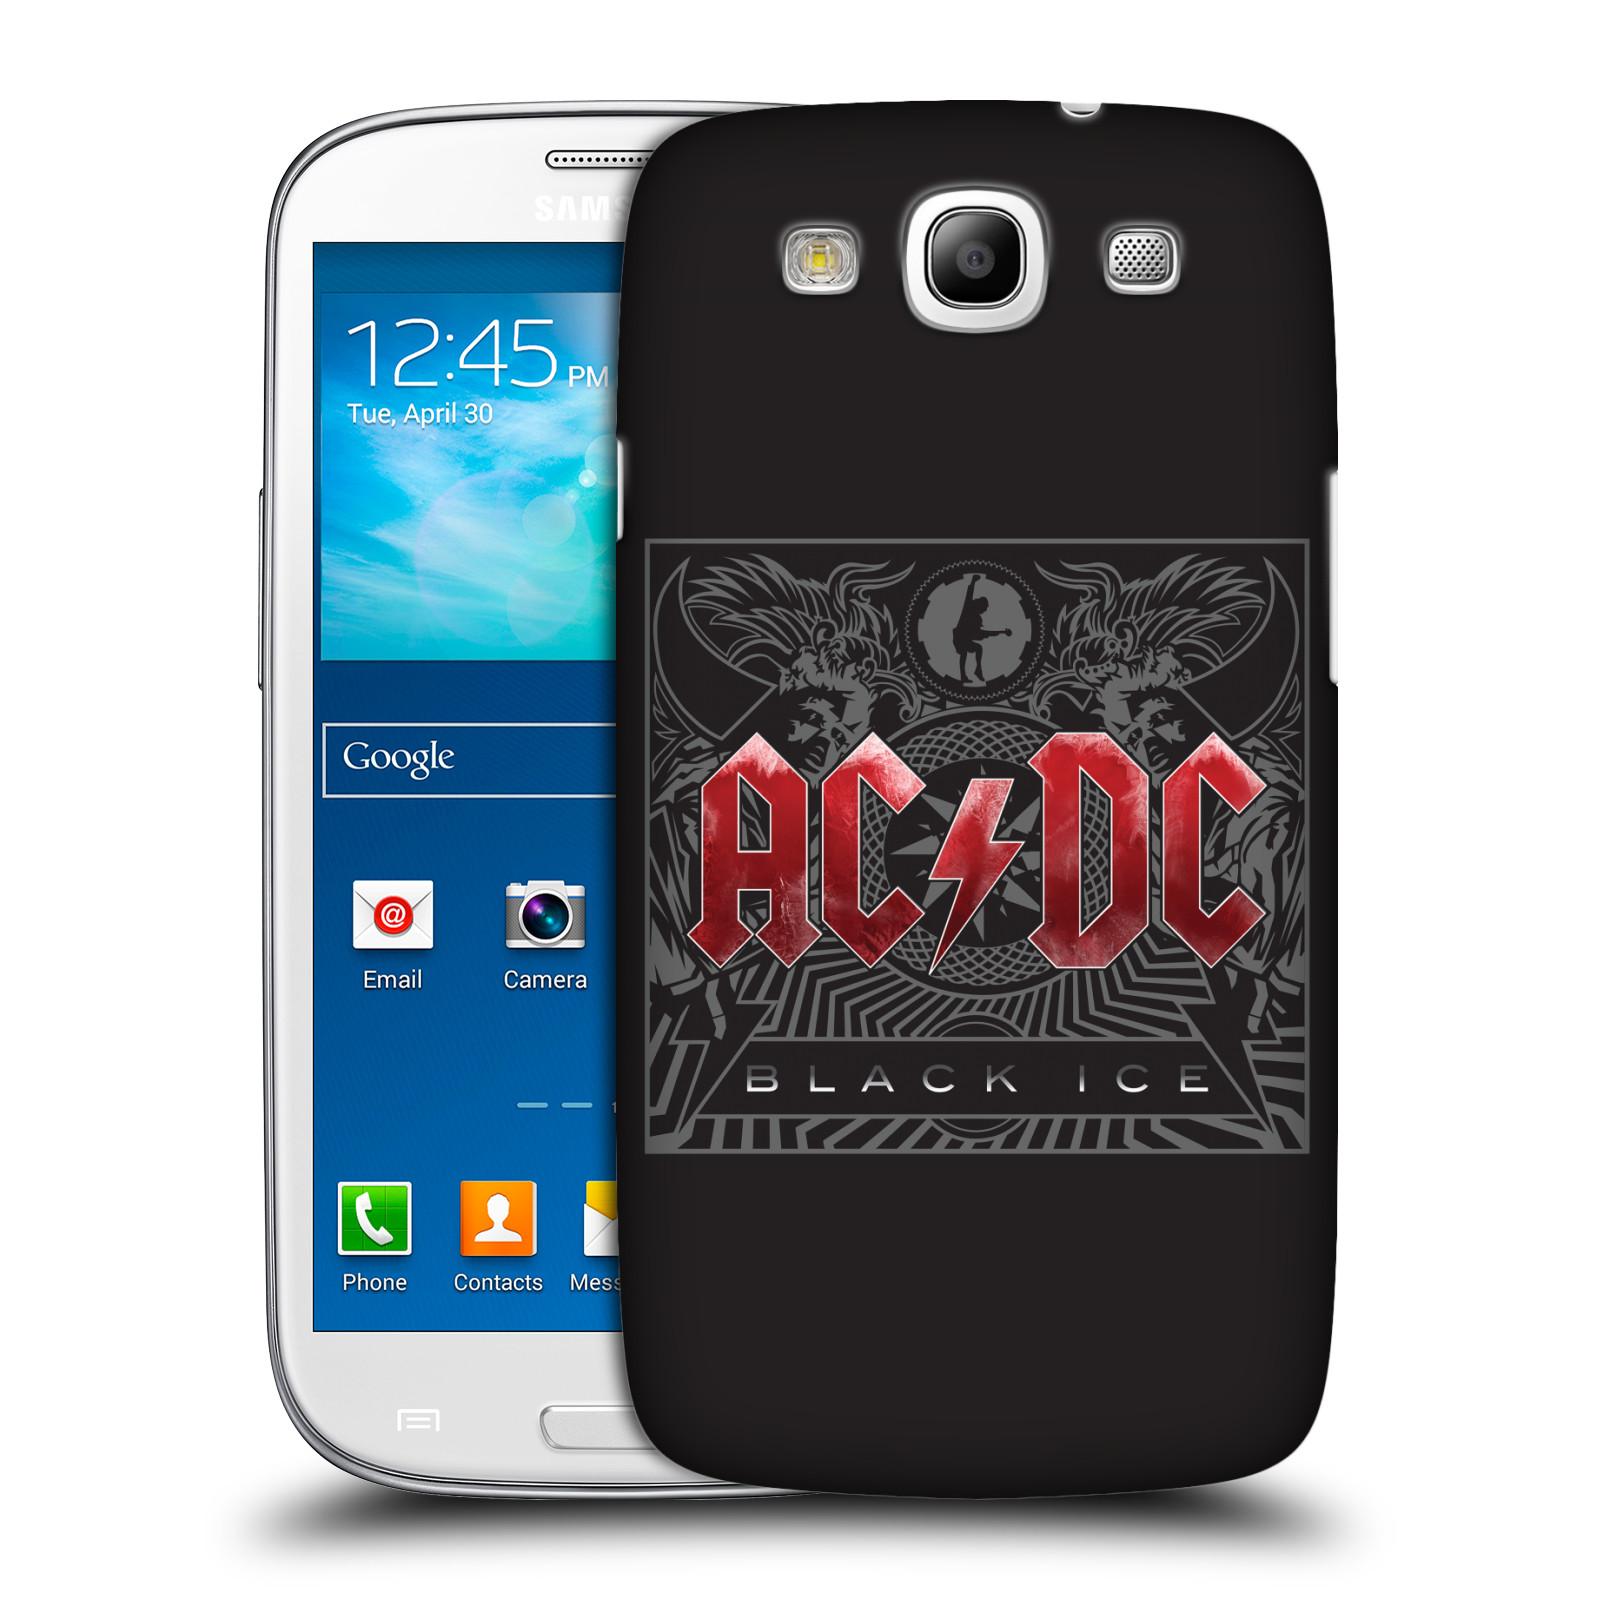 Plastové pouzdro na mobil Samsung Galaxy S III HEAD CASE AC/DC Black Ice (Plastový kryt či obal na mobilní telefon s oficiálním motivem australské skupiny AC/DC pro Samsung Galaxy S III GT-i9300)